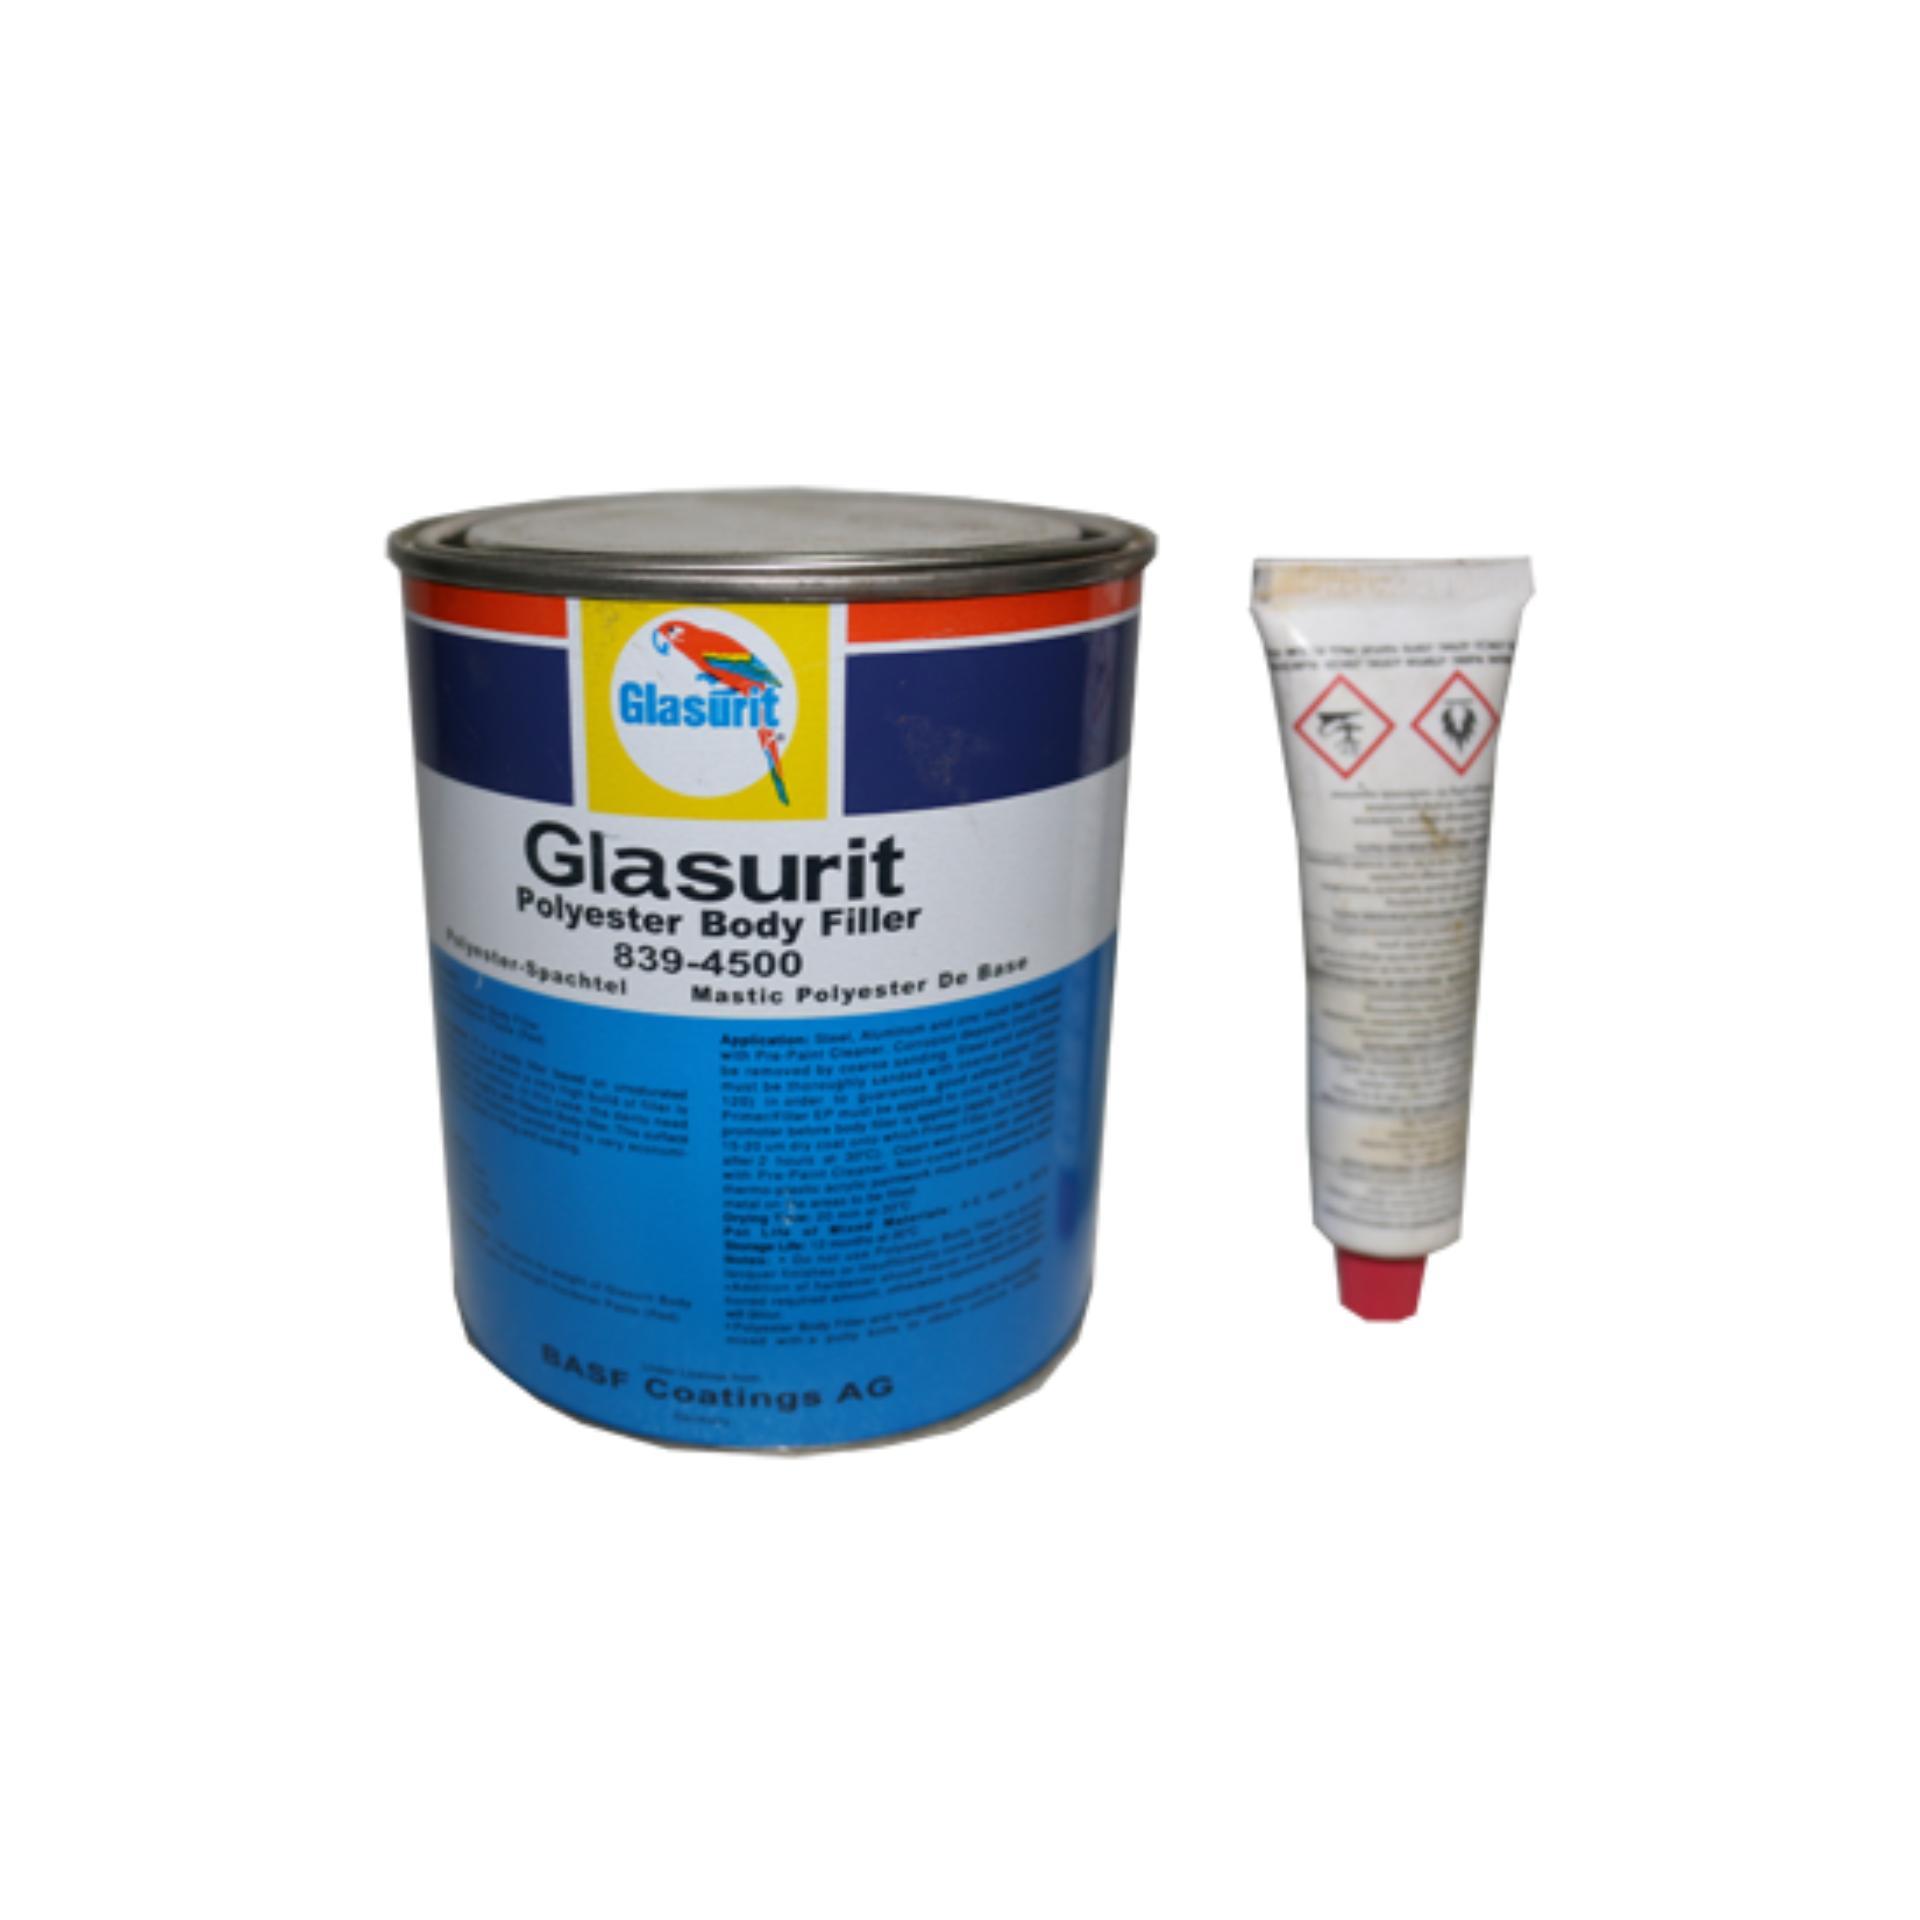 Glasurit Body Filler 1 Liter With Hardener